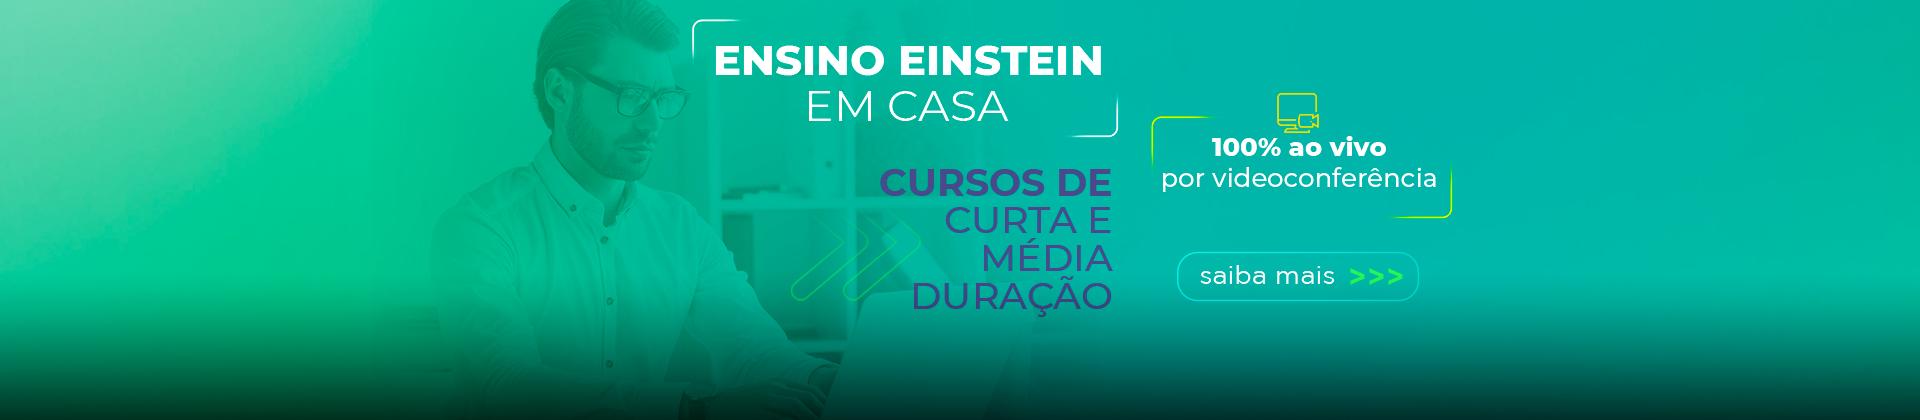 Banner_1_Ensino-Einstein-Em-Casa